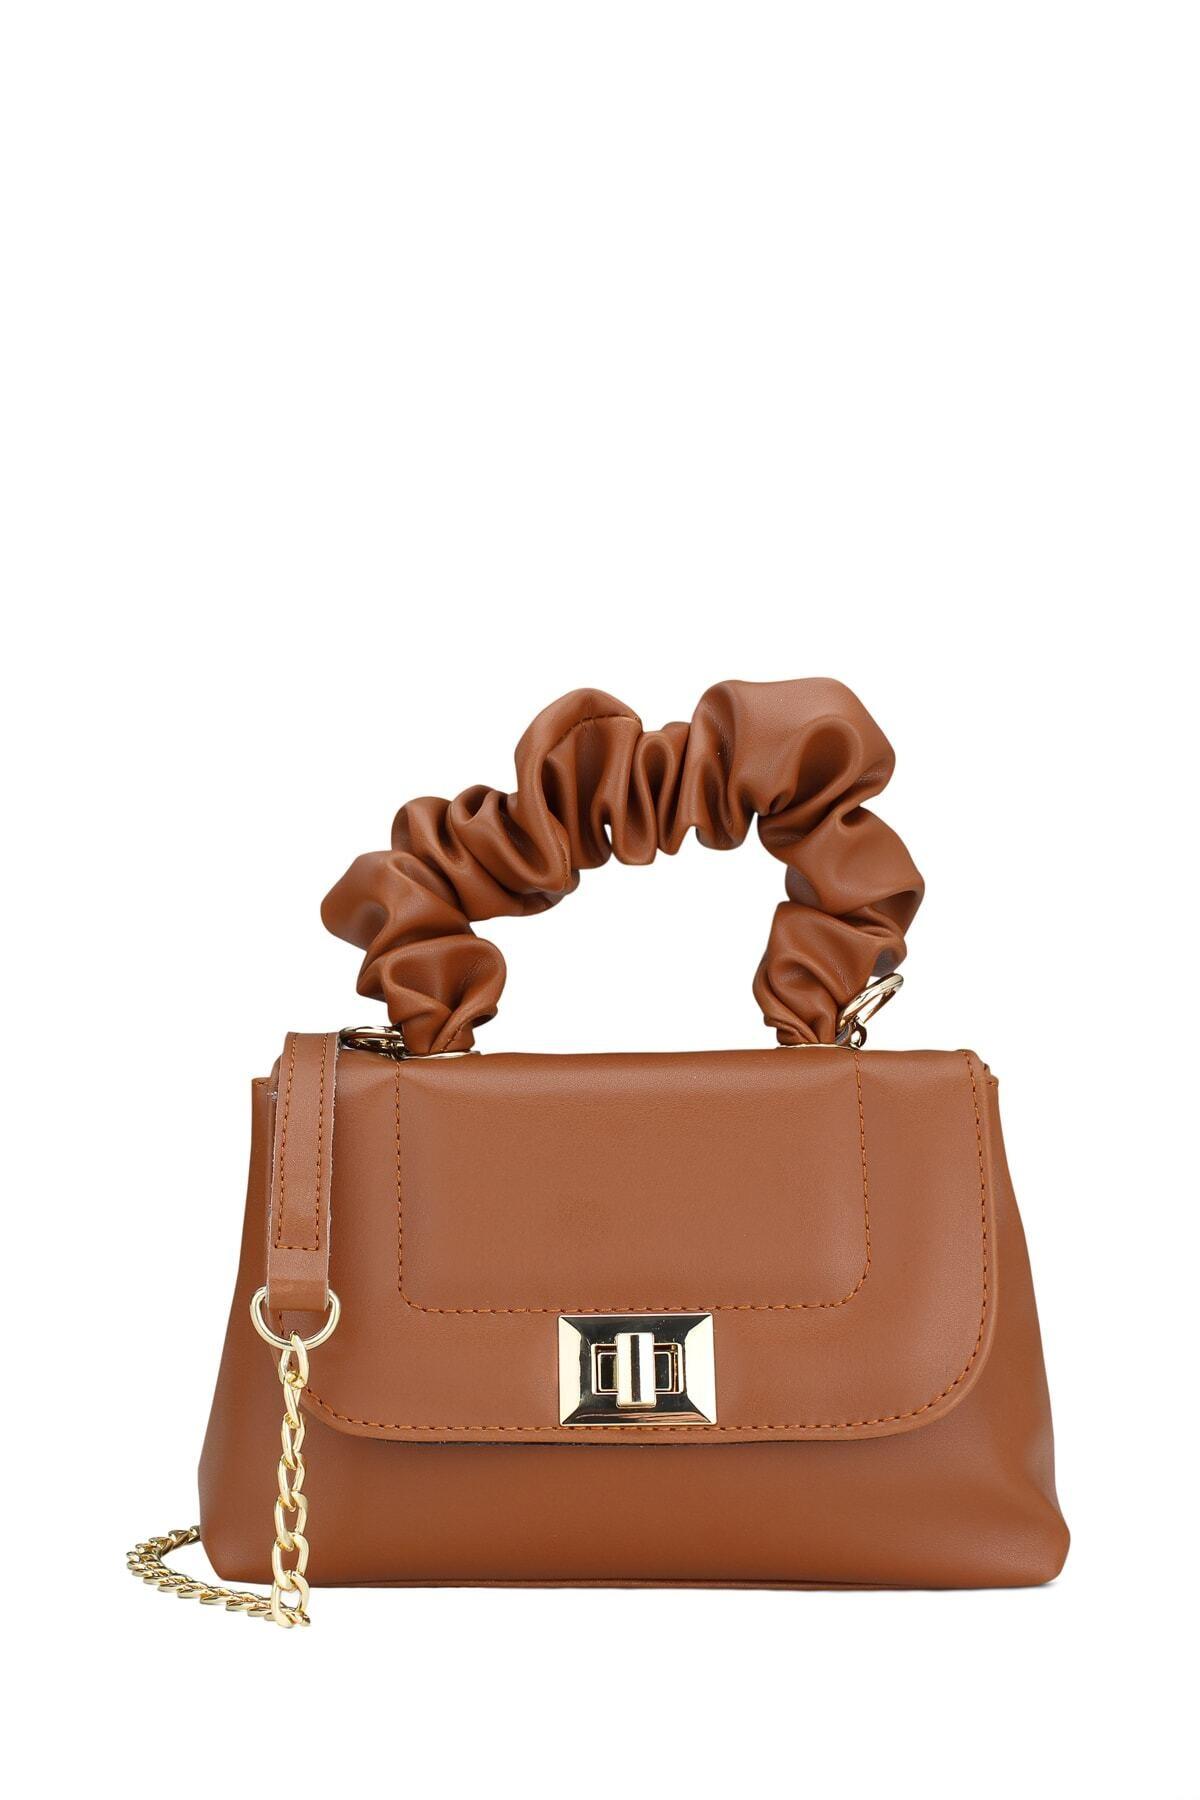 Housebags Kadın Büzgü Saplı Üç Bölmeli Taba Omuz Çantası 194 1